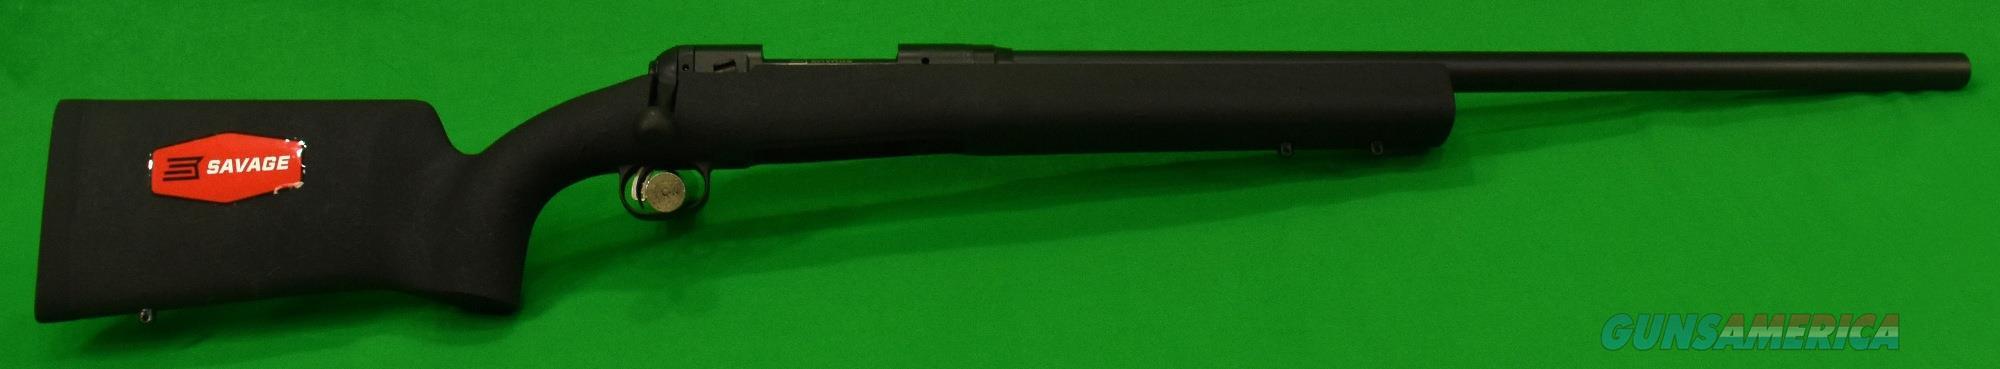 10 FCP HS Precision 308Win 24In 18139  Guns > Rifles > Savage Rifles > 10/110